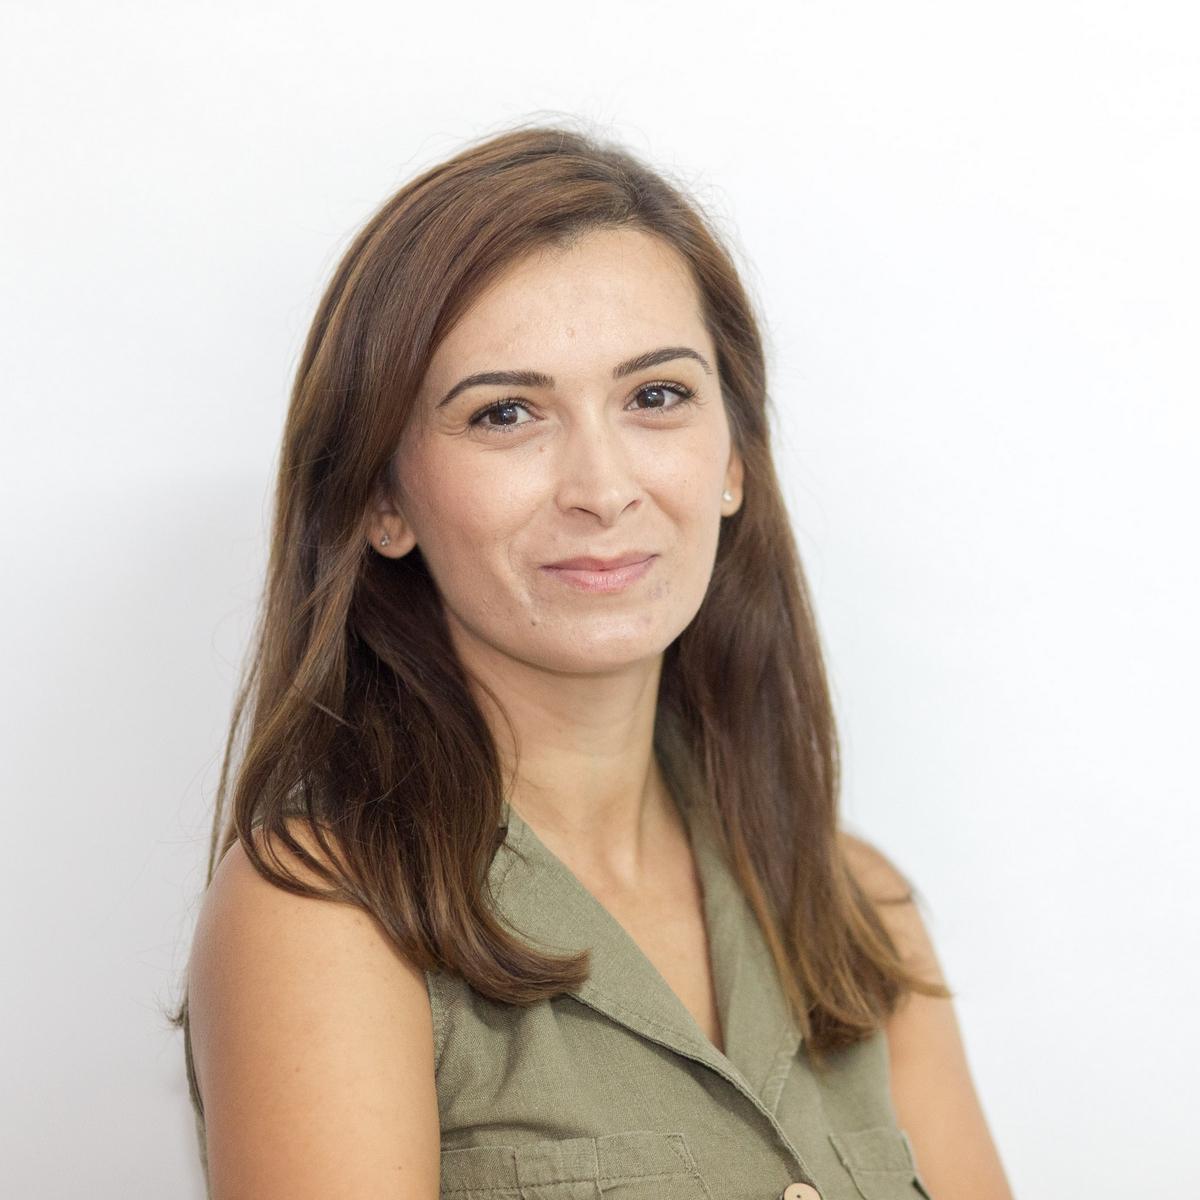 Oana Oprescu